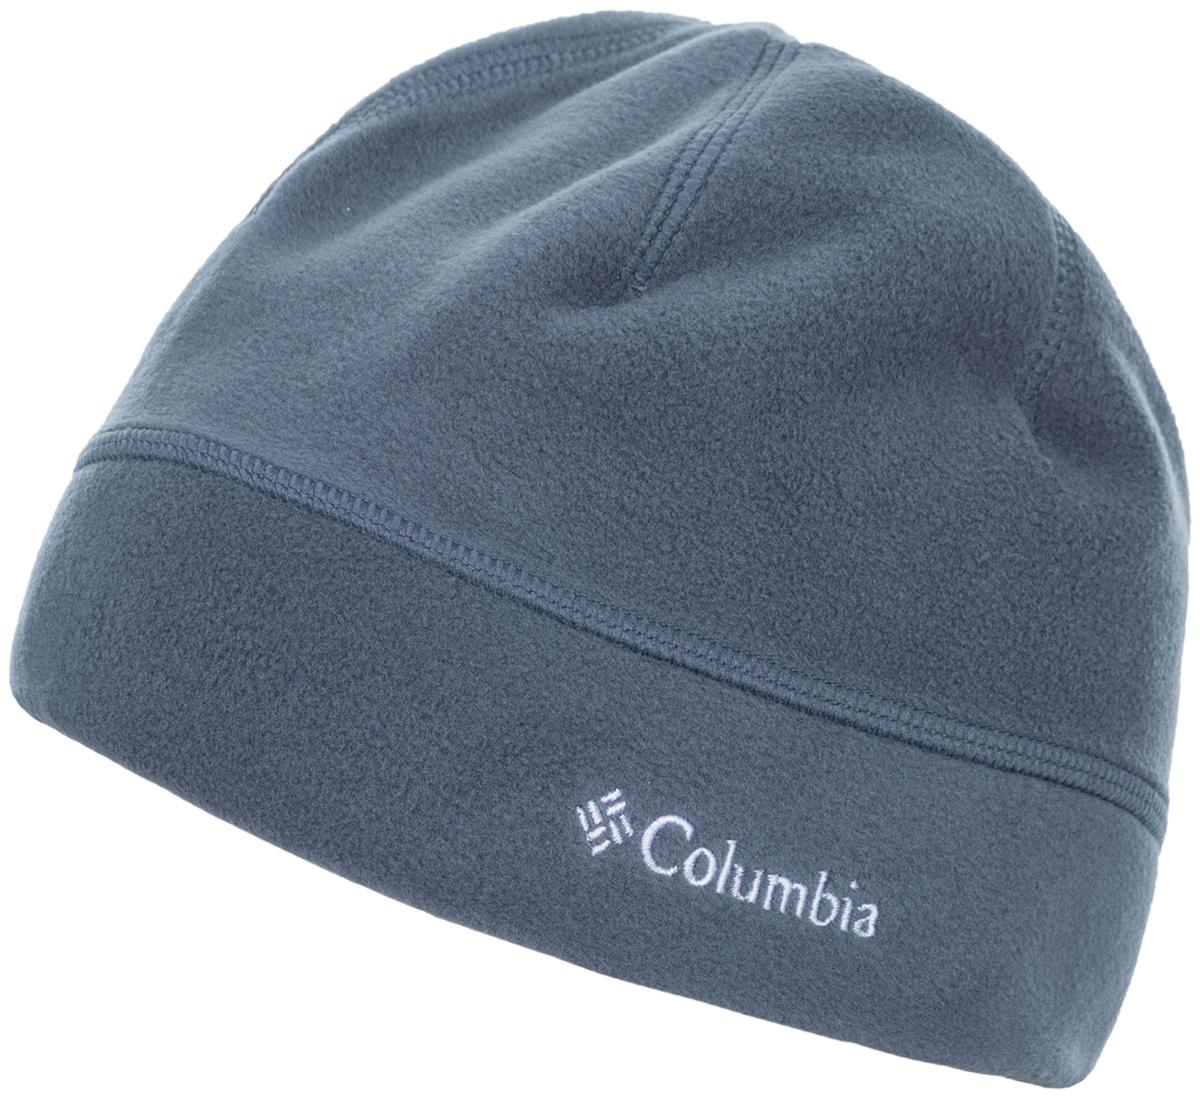 Шапка Columbia Thermarator, цвет: серый. 1556771-053. Размер S/M (56/57)1556771-053Практичная флисовая шапка Thermarator от Columbia станет удачным вариантом для путешествий в холодное время года. Технология Omni-Heat превосходно сохраняет тепло. Изделие оформлено фирменным логотипом с названием бренда.